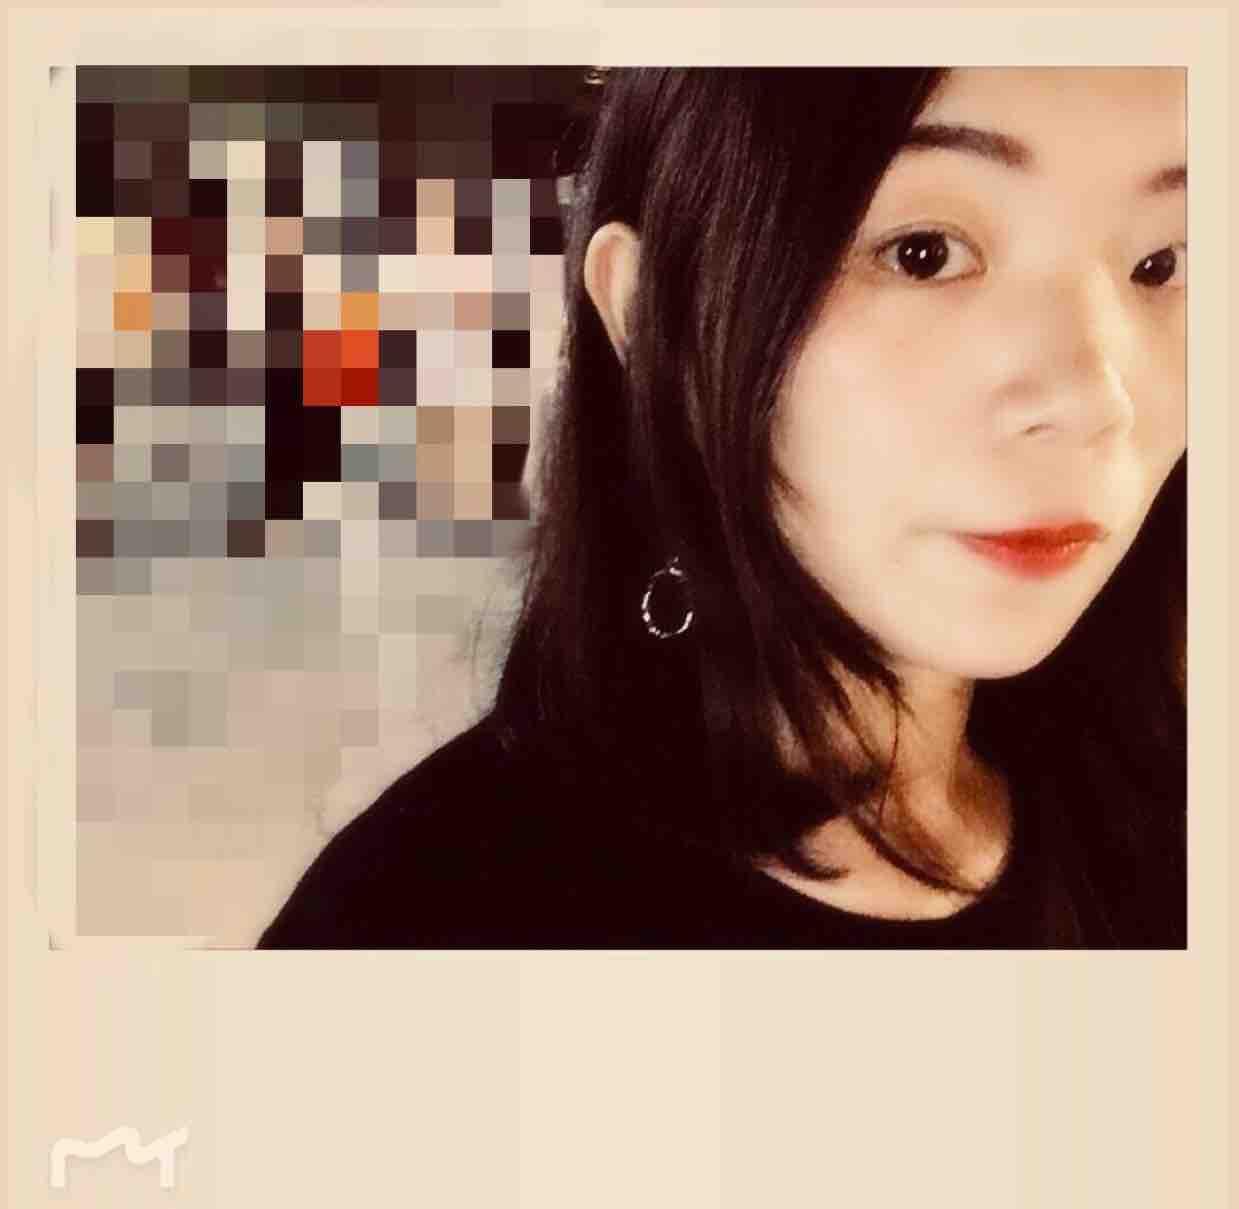 黑马艺术基地陈媛